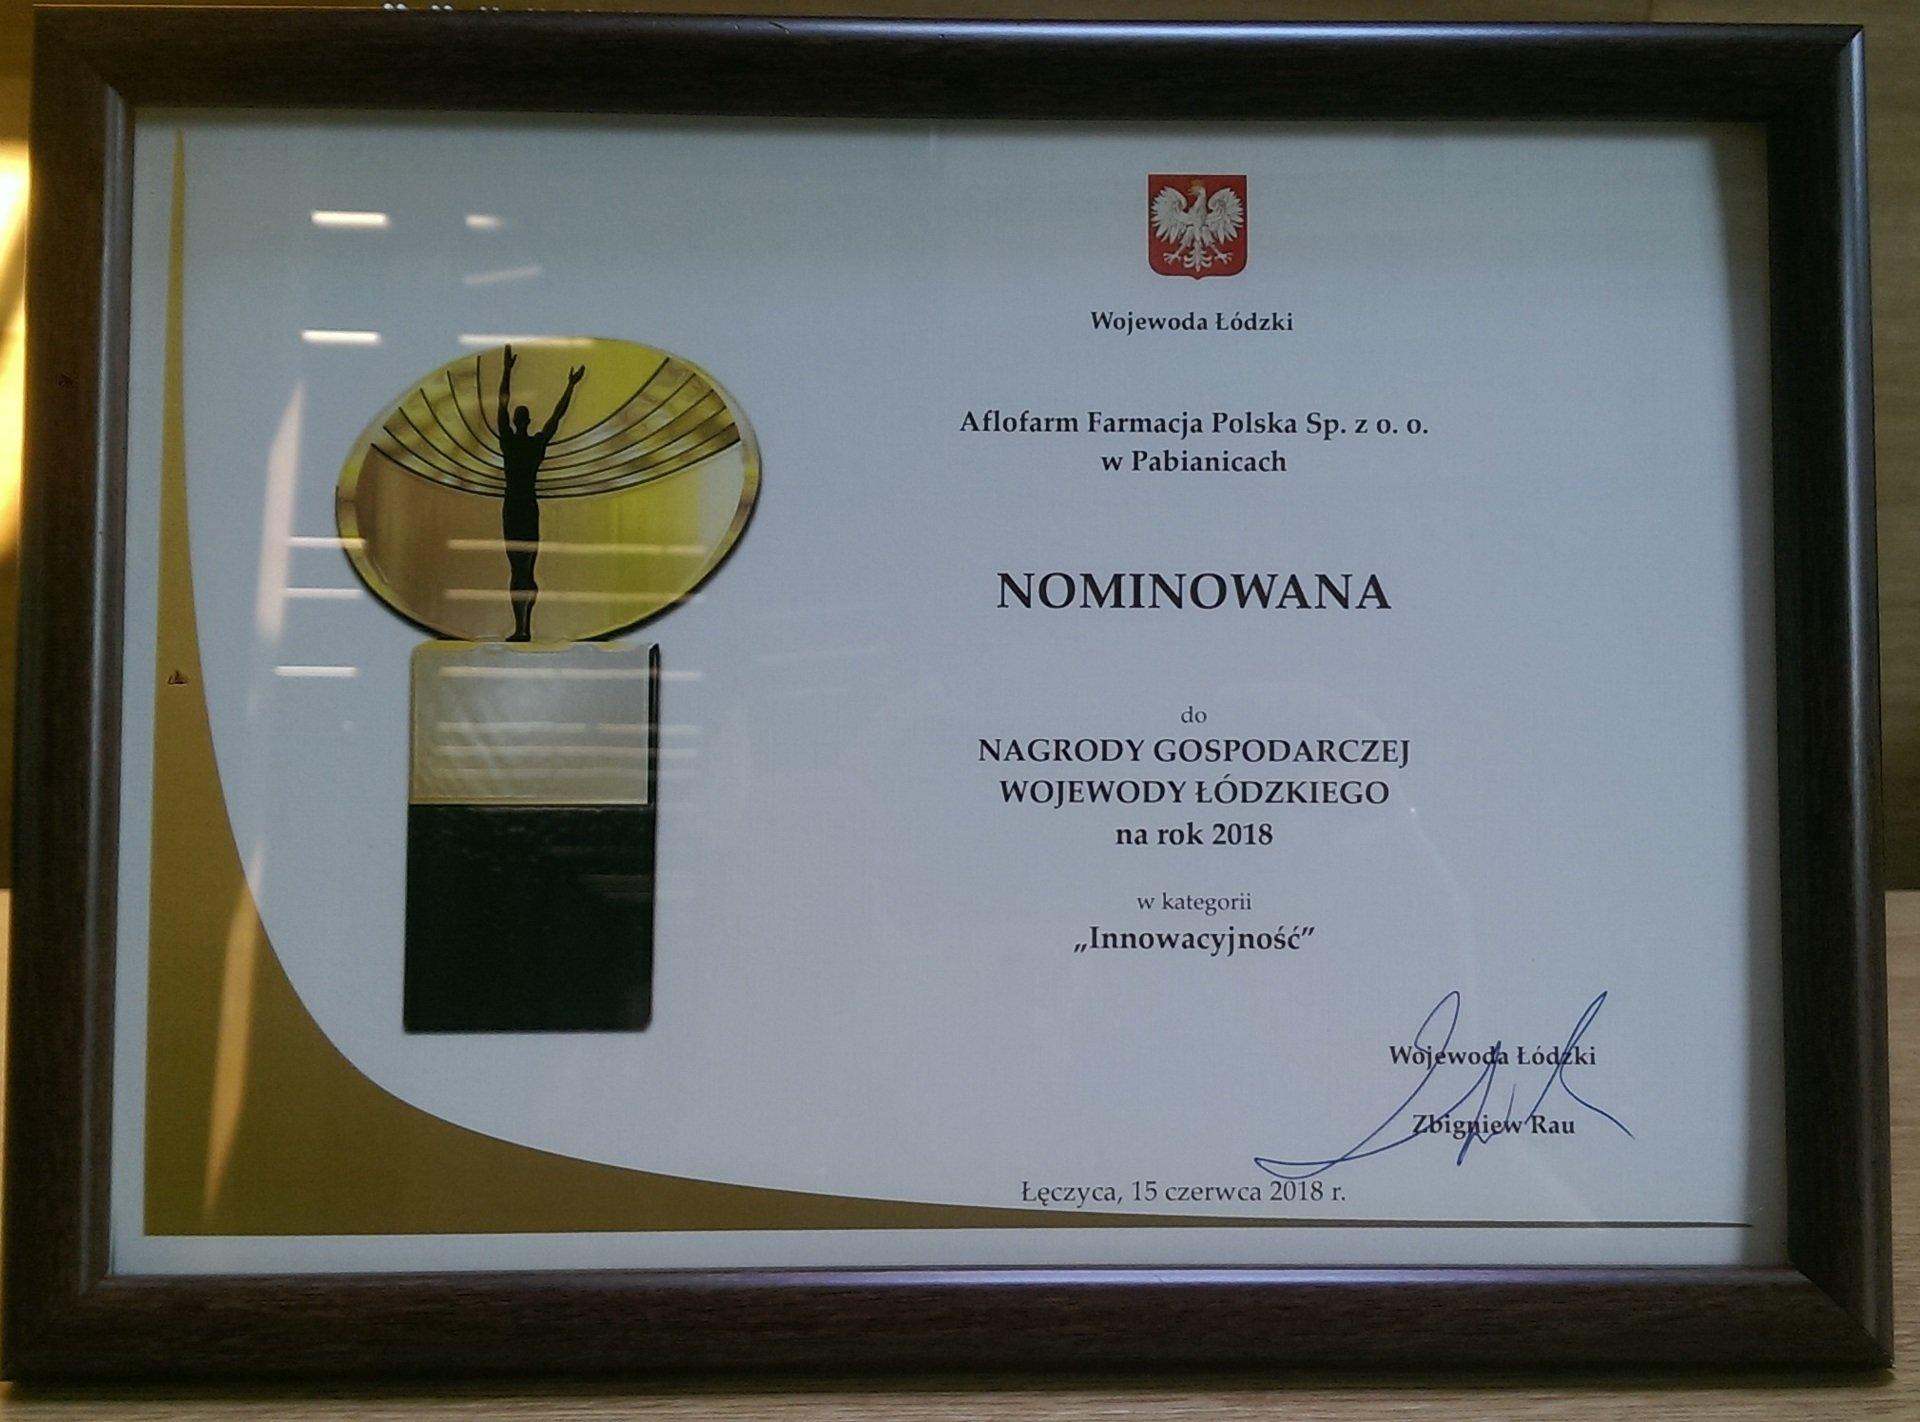 Desmoxan z nominacją Nagrody Gospodarczej Wojewody Łódzkiego